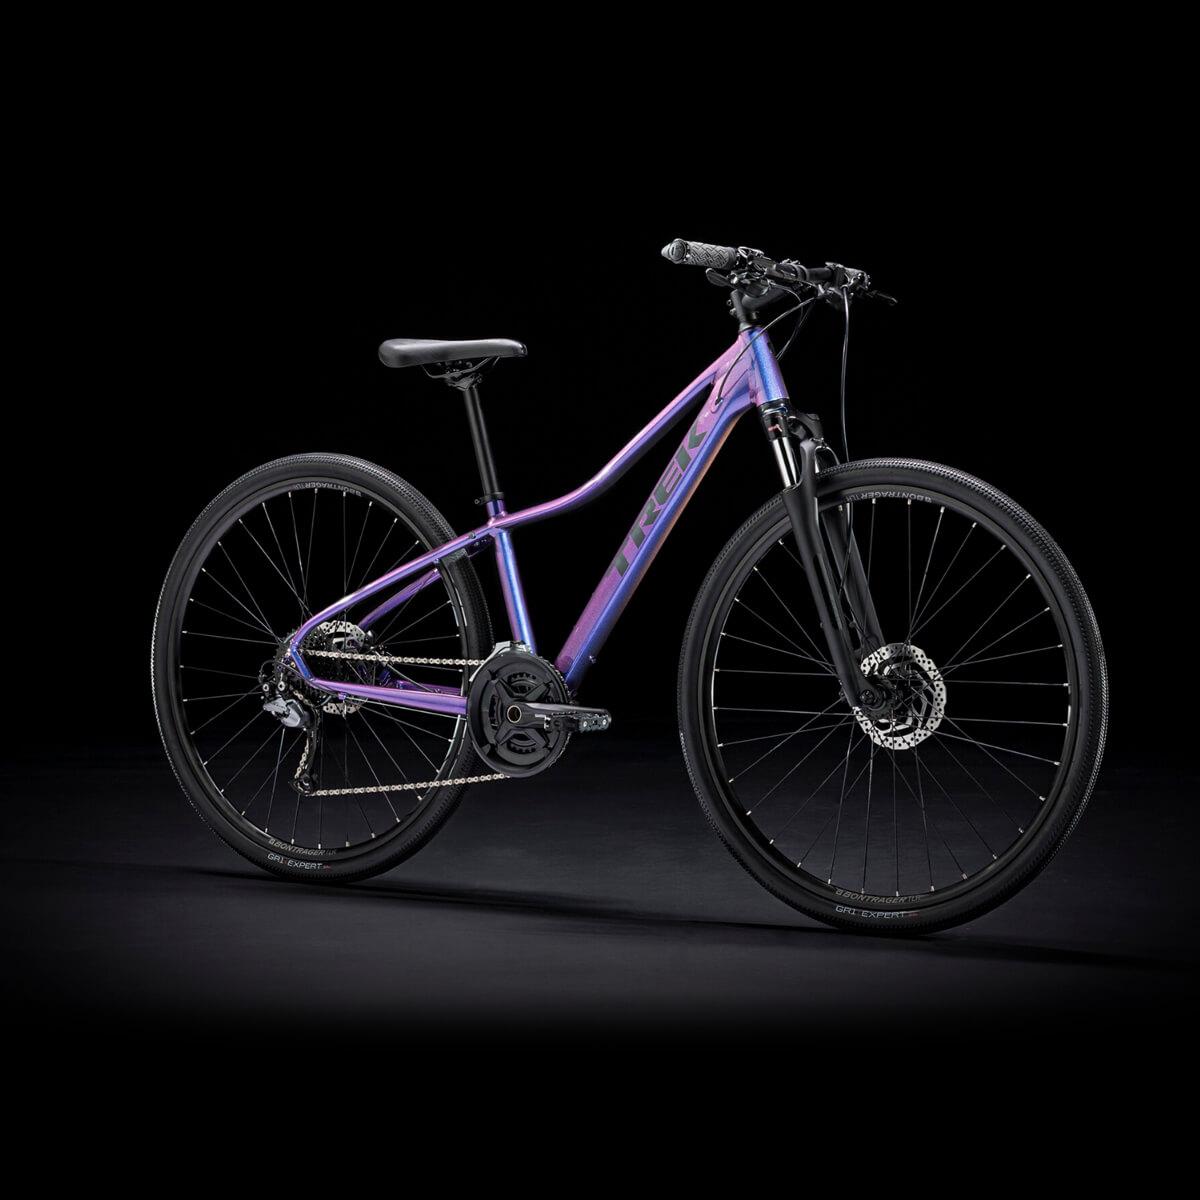 Kup rower bez wychodzenia z domu